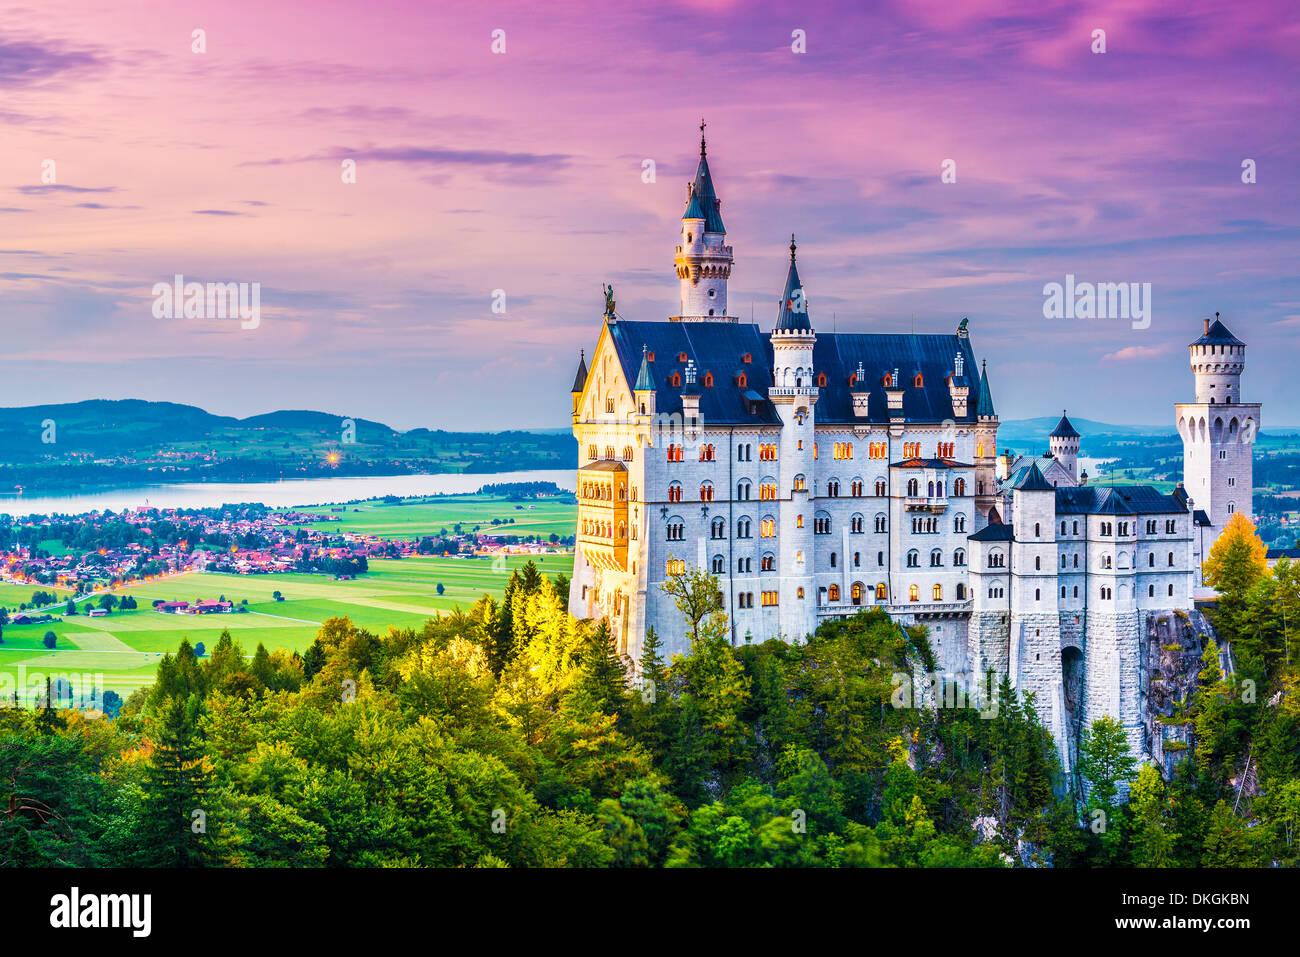 Le château de Neuschwanstein en Allemagne. Photo Stock